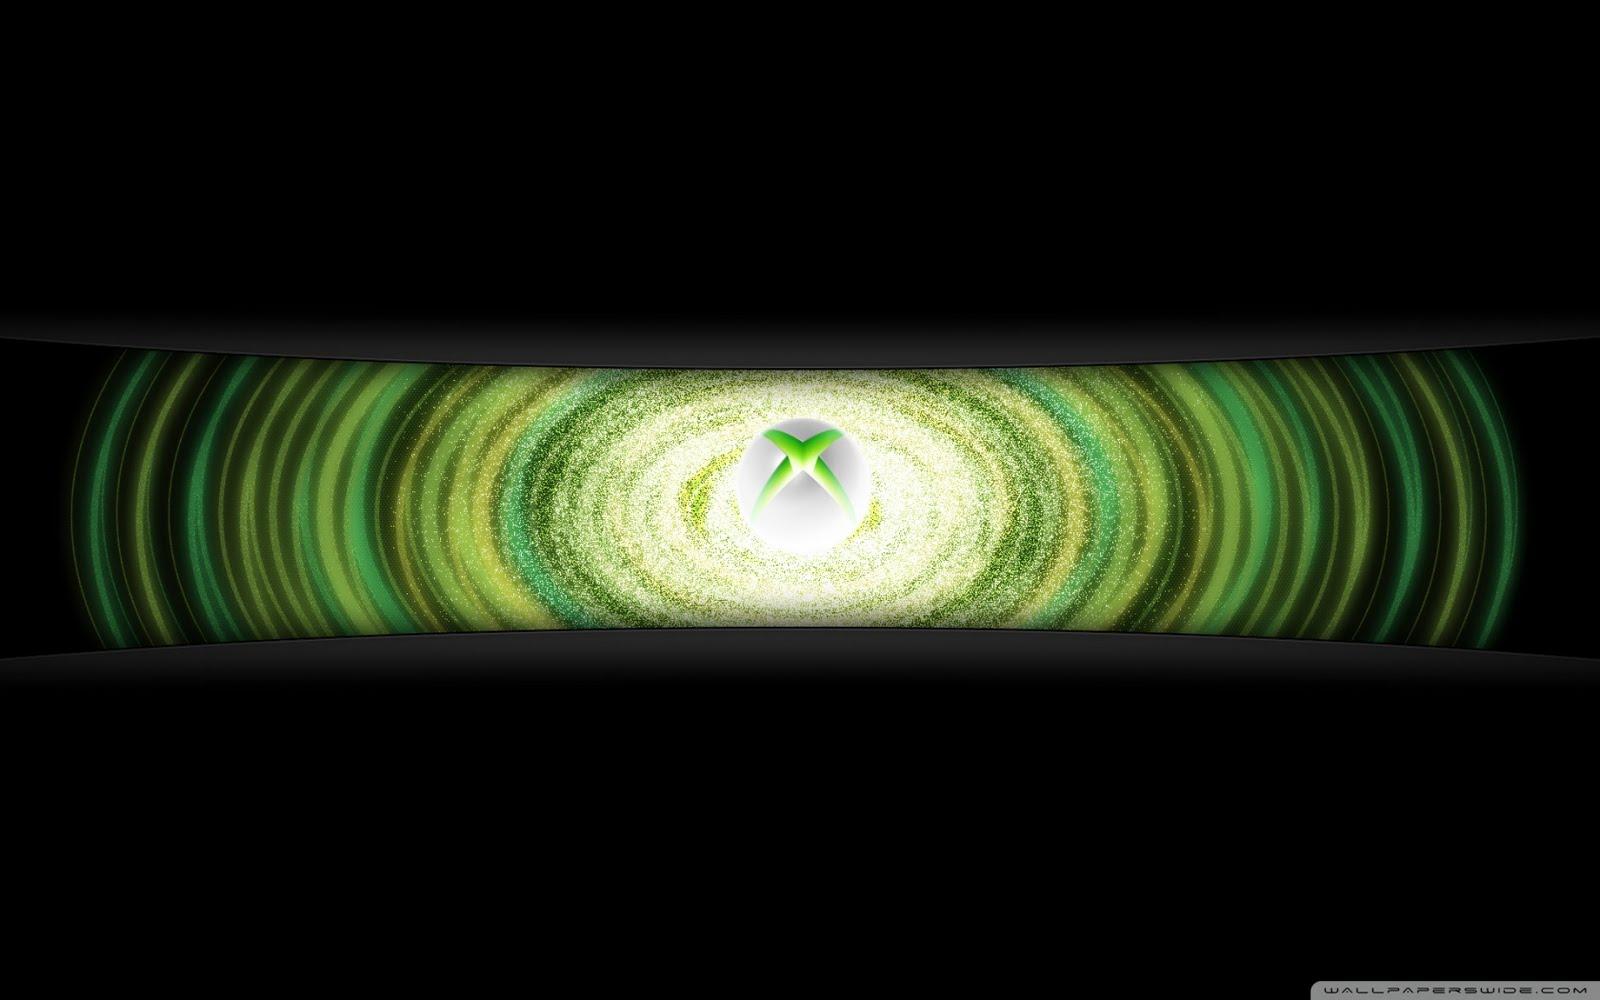 http://1.bp.blogspot.com/-SEec_4N0ykg/TtzTQ4V_6dI/AAAAAAAAAyE/b3vWC7CgAVc/s1600/xbox-wallpaper-hd-9-751588.jpg